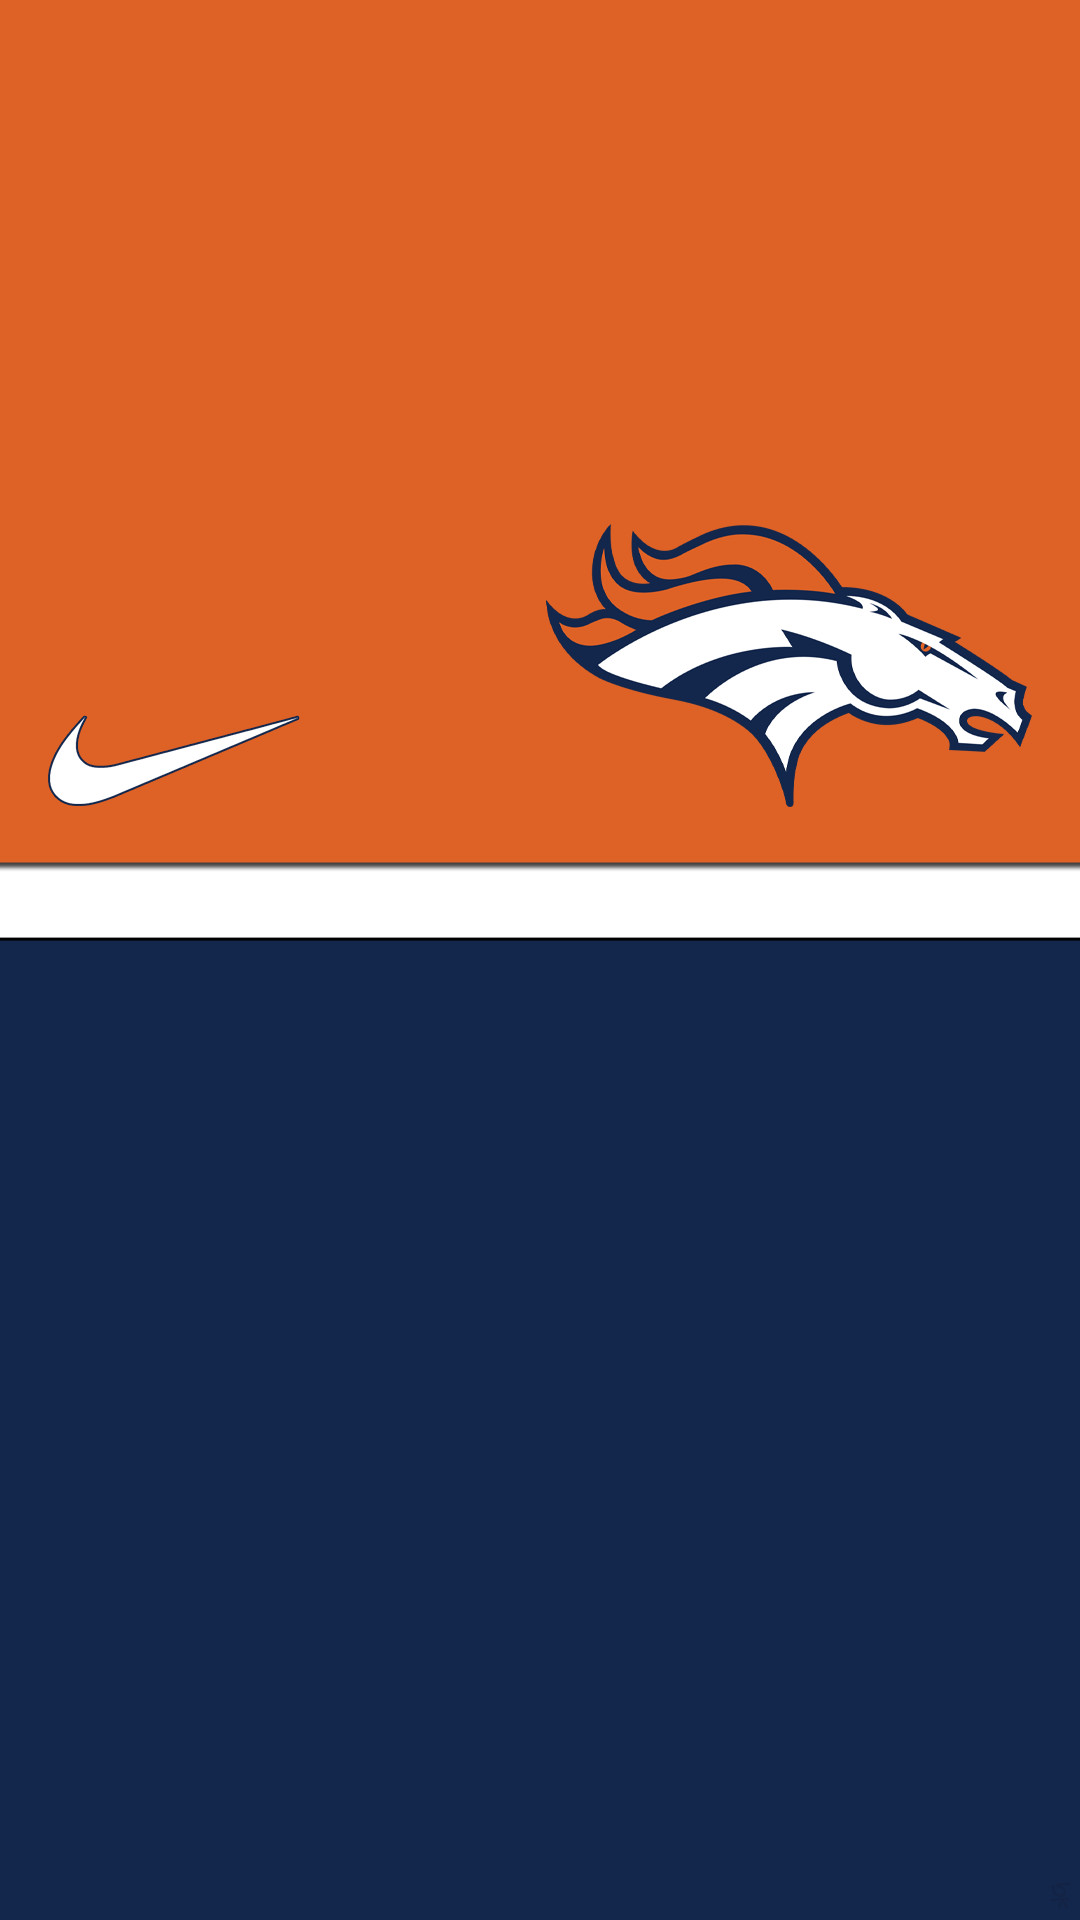 2015 Denver Broncos Wallpaper – WallpaperSafari   All Wallpapers    Pinterest   Denver broncos wallpaper and Wallpaper